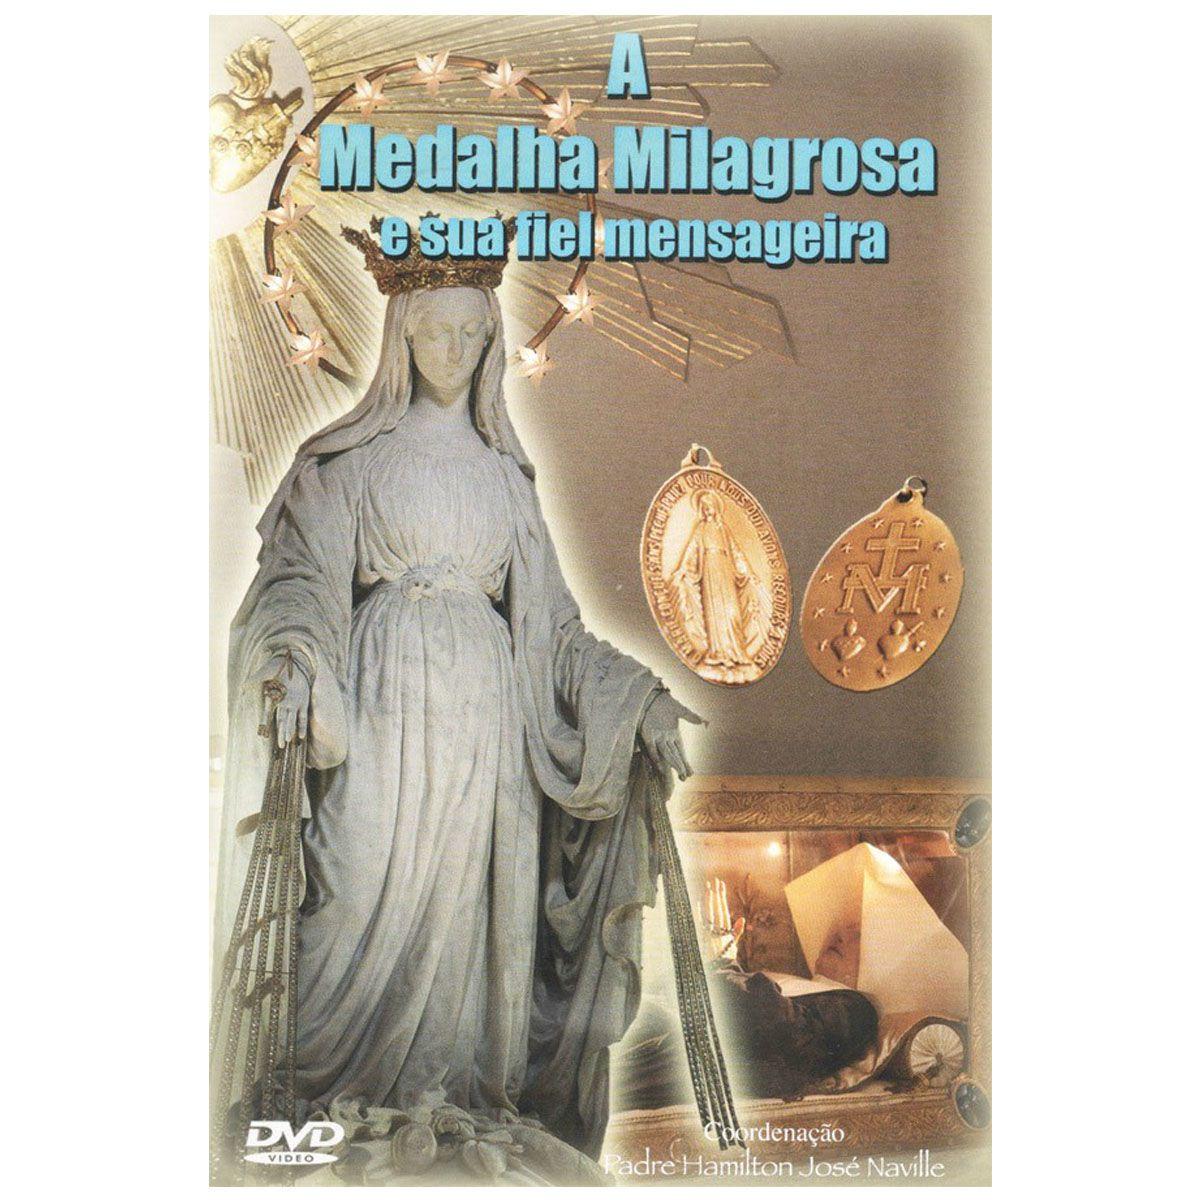 DVD - A Medalha Milagrosa e sua Fiel Mensagem